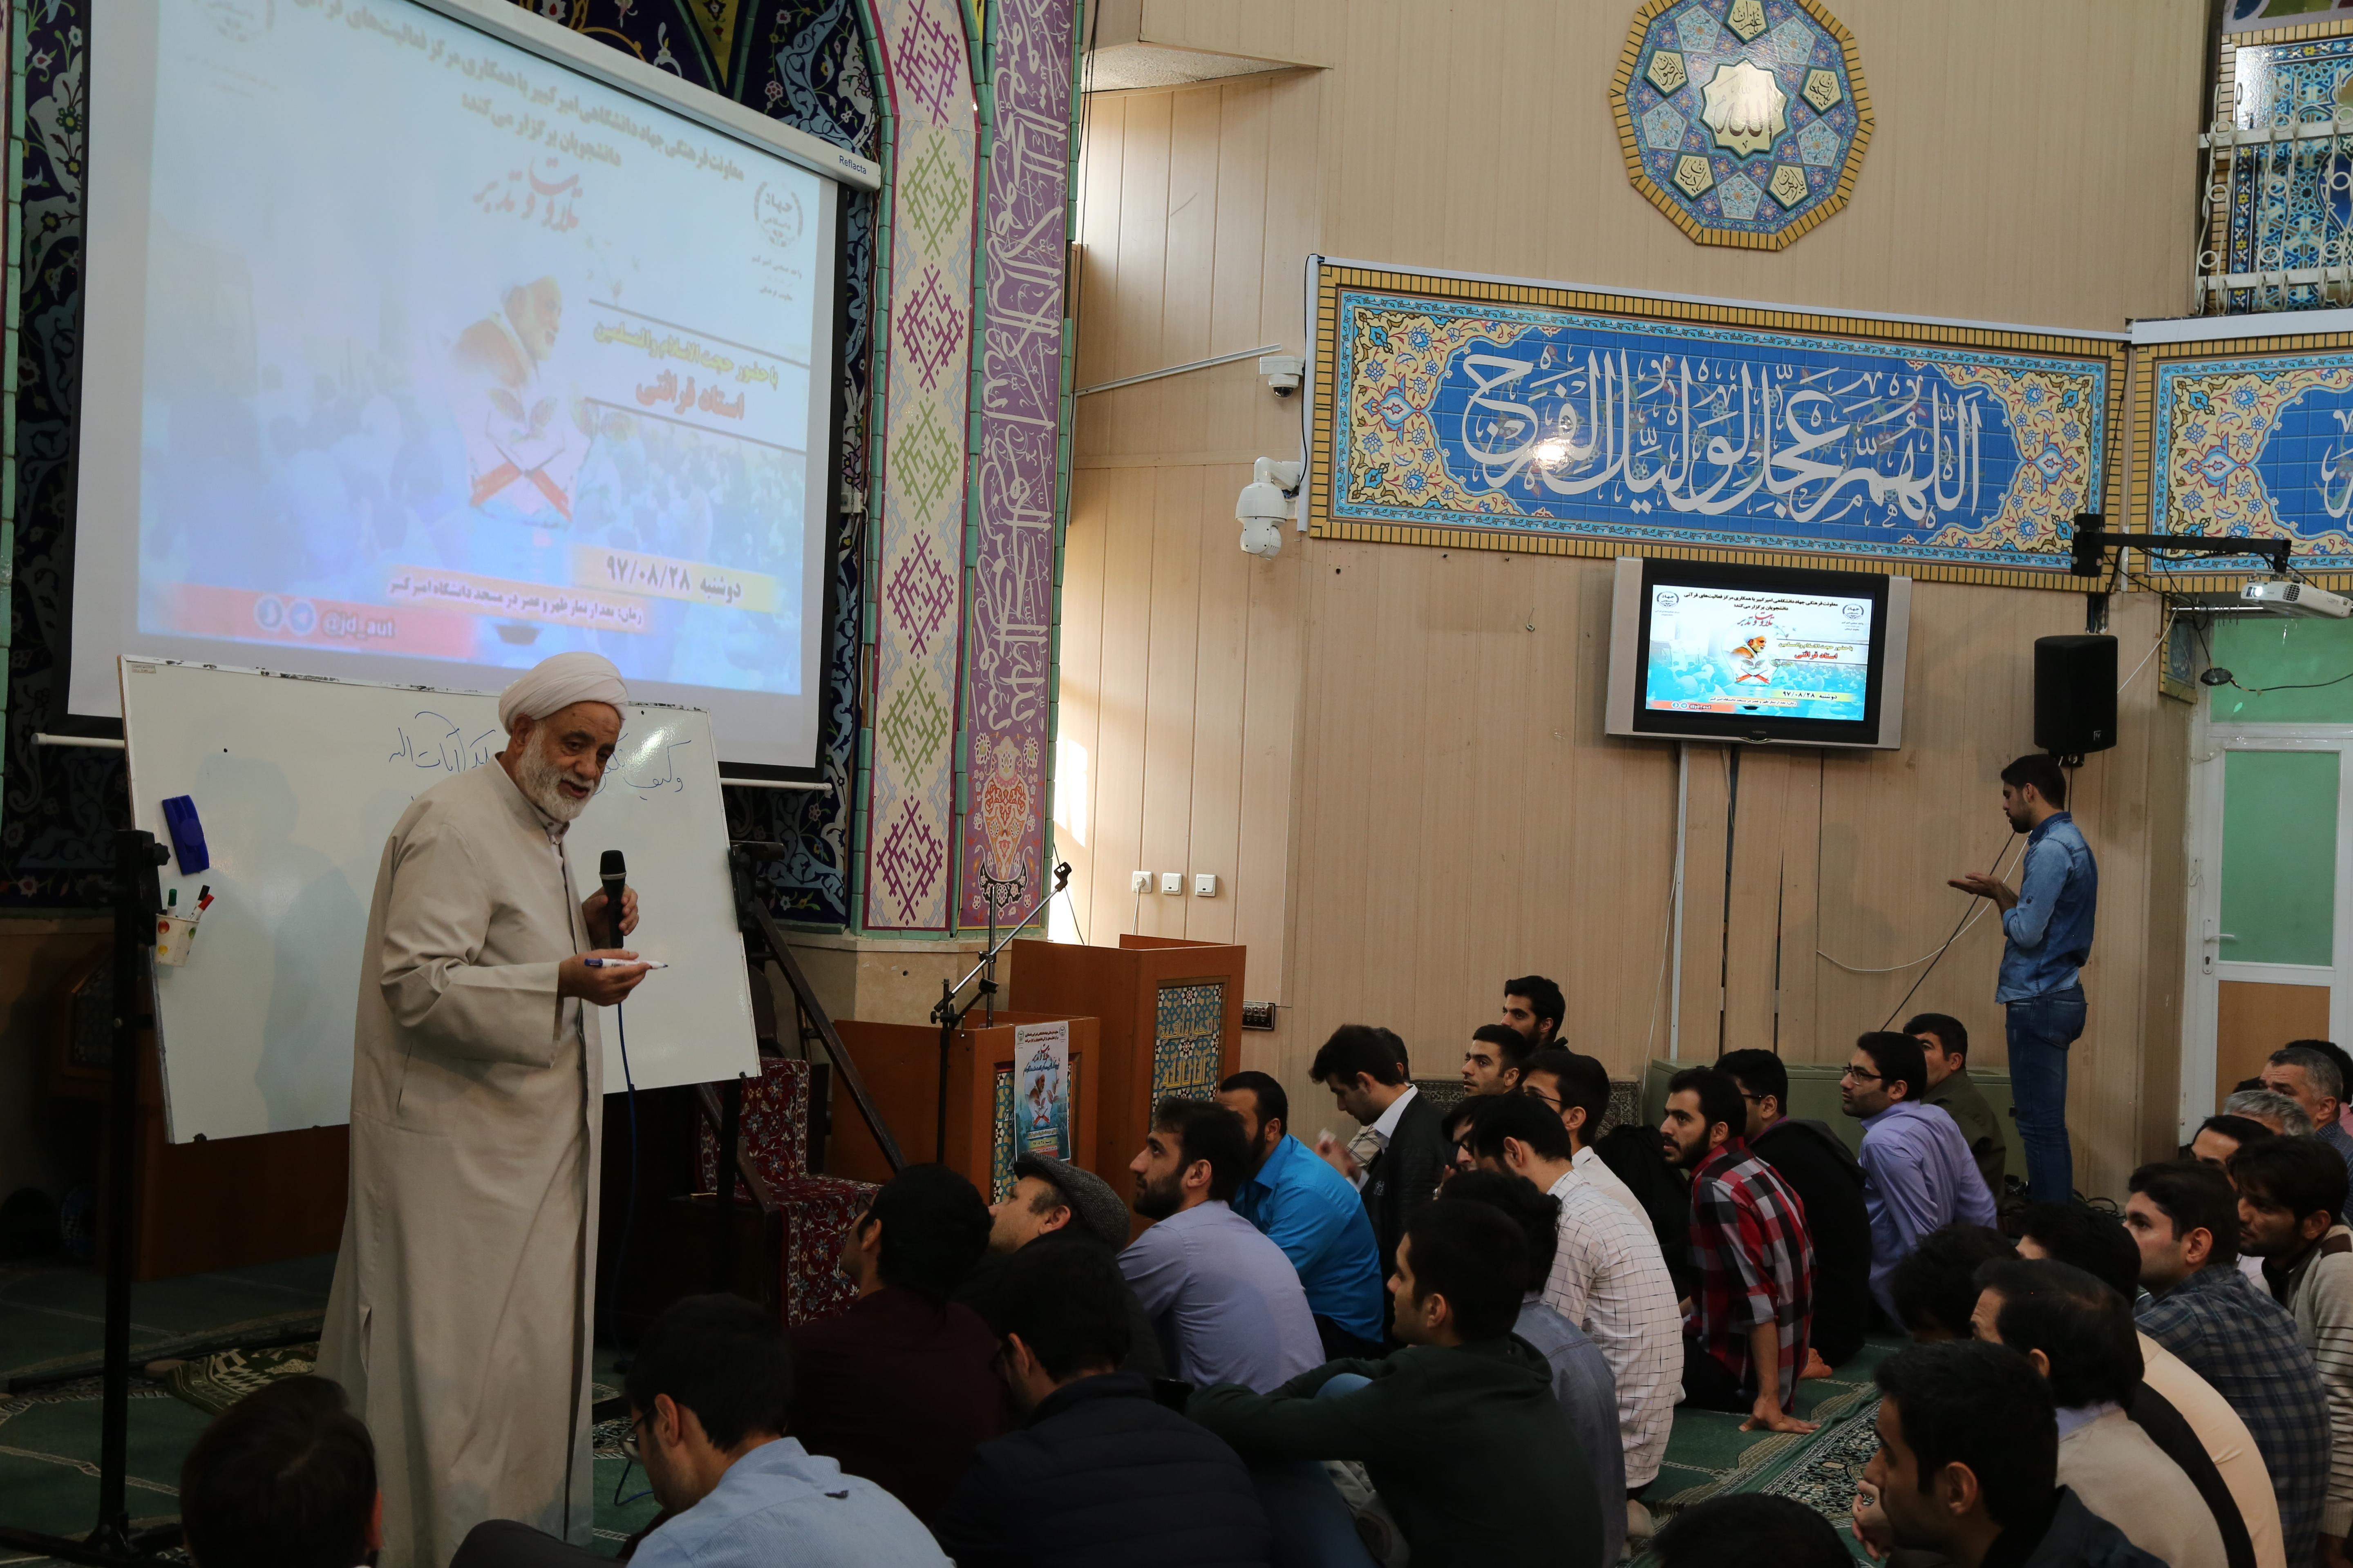 همراهی 1400 دانشگاهی با تدبر در قرآن استاد قرائتی